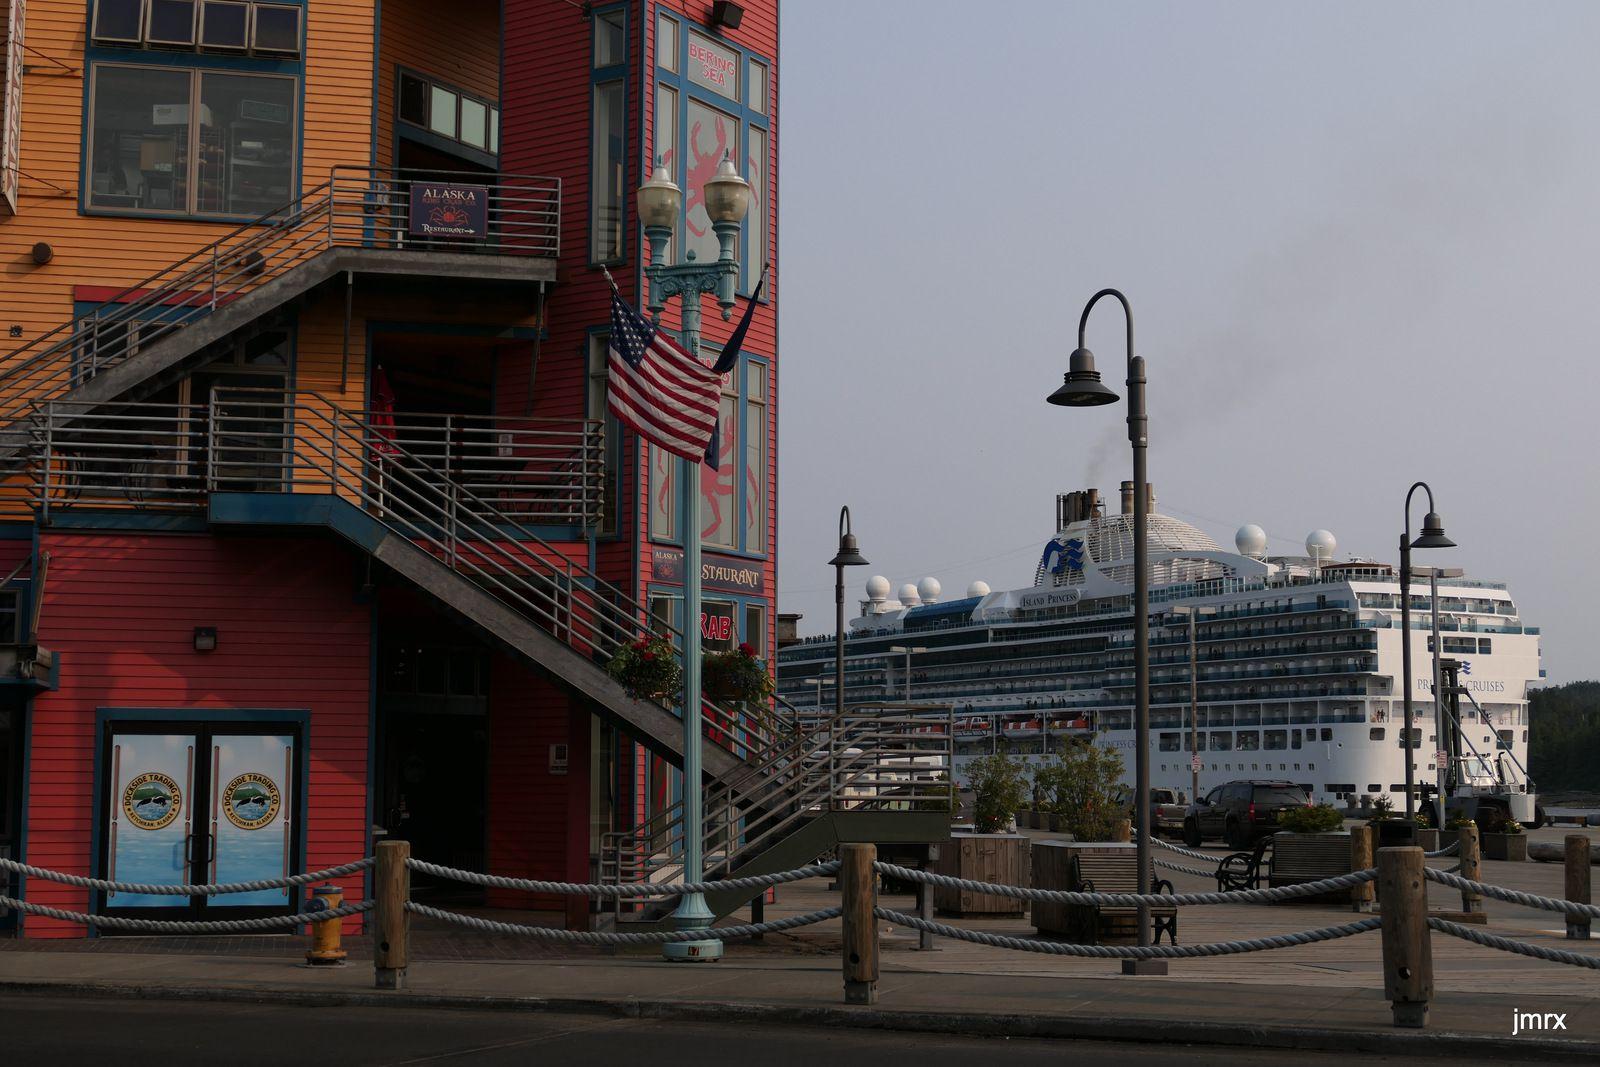 Ketchikan. Porte d'accès à l'Alaska. Aéroport international. Nous accueillons Michel.Noria de paquebots gigantesques. Le soir plus de touristes: on se retrouve au Surdough Bar.